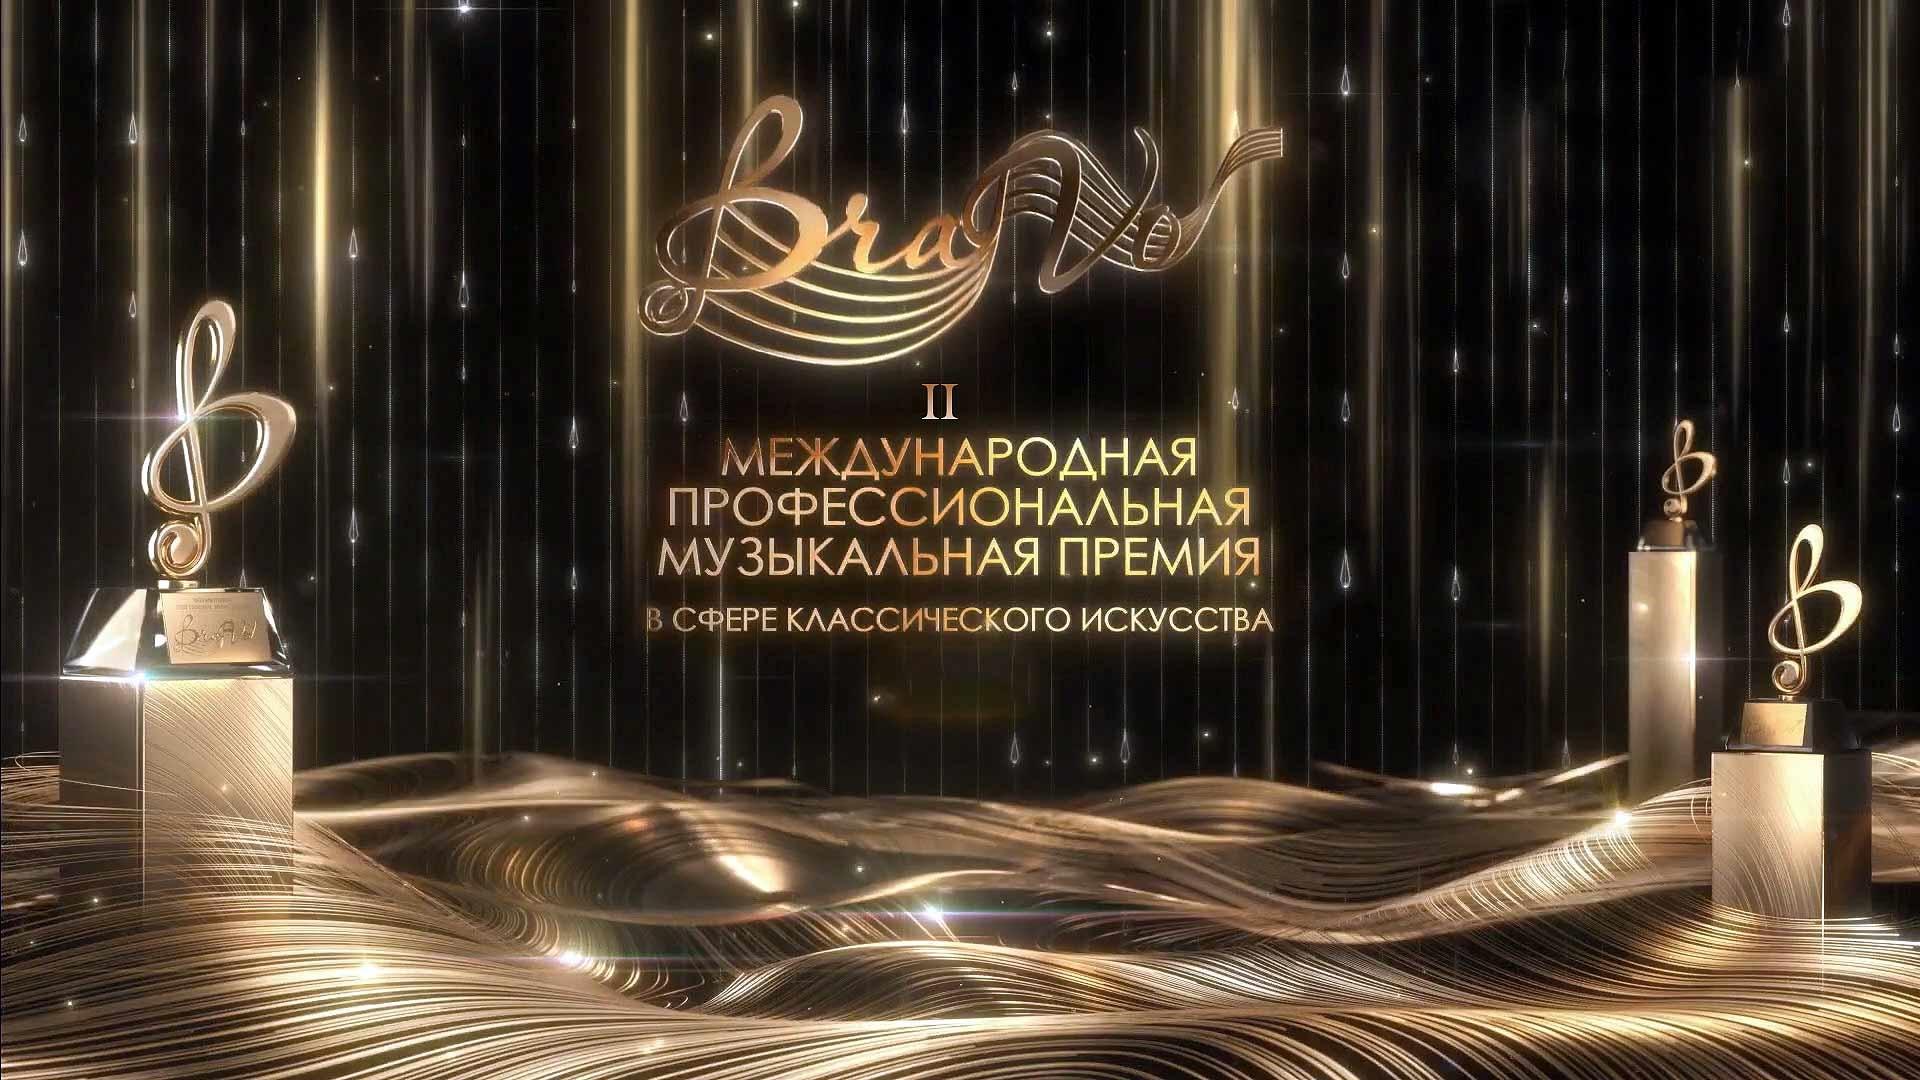 """II Церемония вручения Международной профессиональной музыкальной премии """"BraVo"""" в сфере классического искусства"""